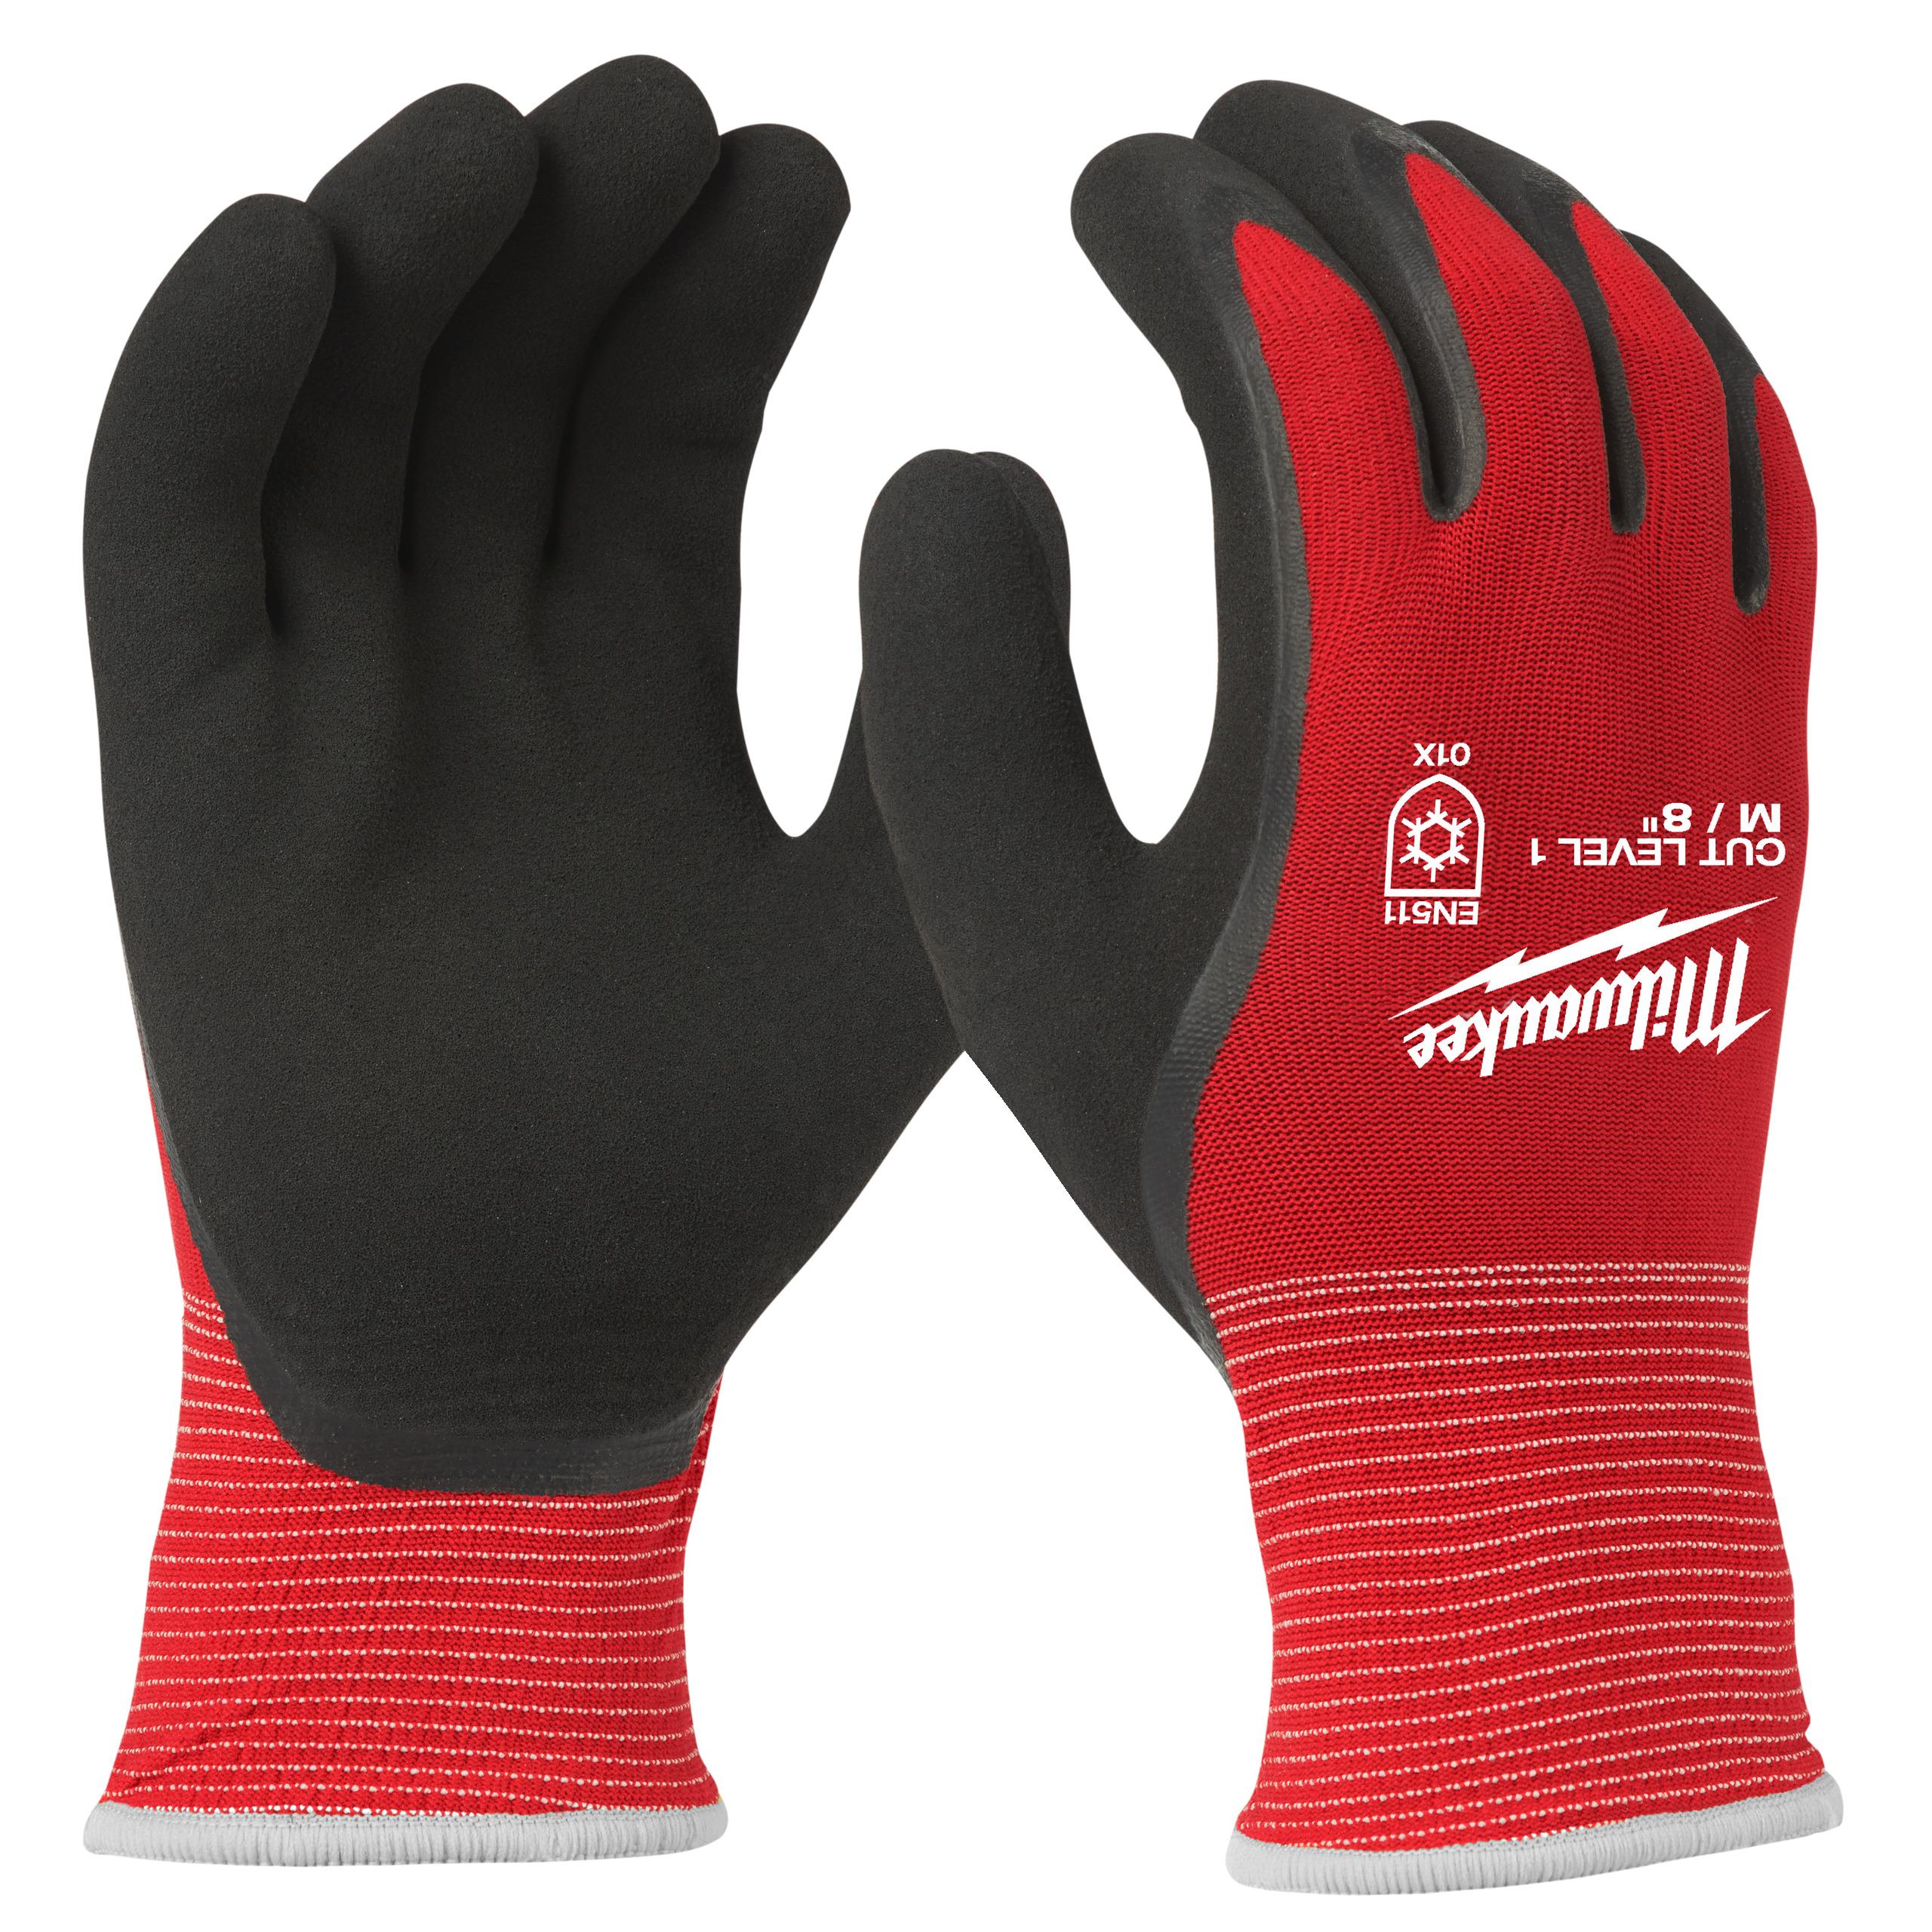 Zimní rukavice odolné proti proříznutí Stupeň 1 -  vel M/8 - 1ks